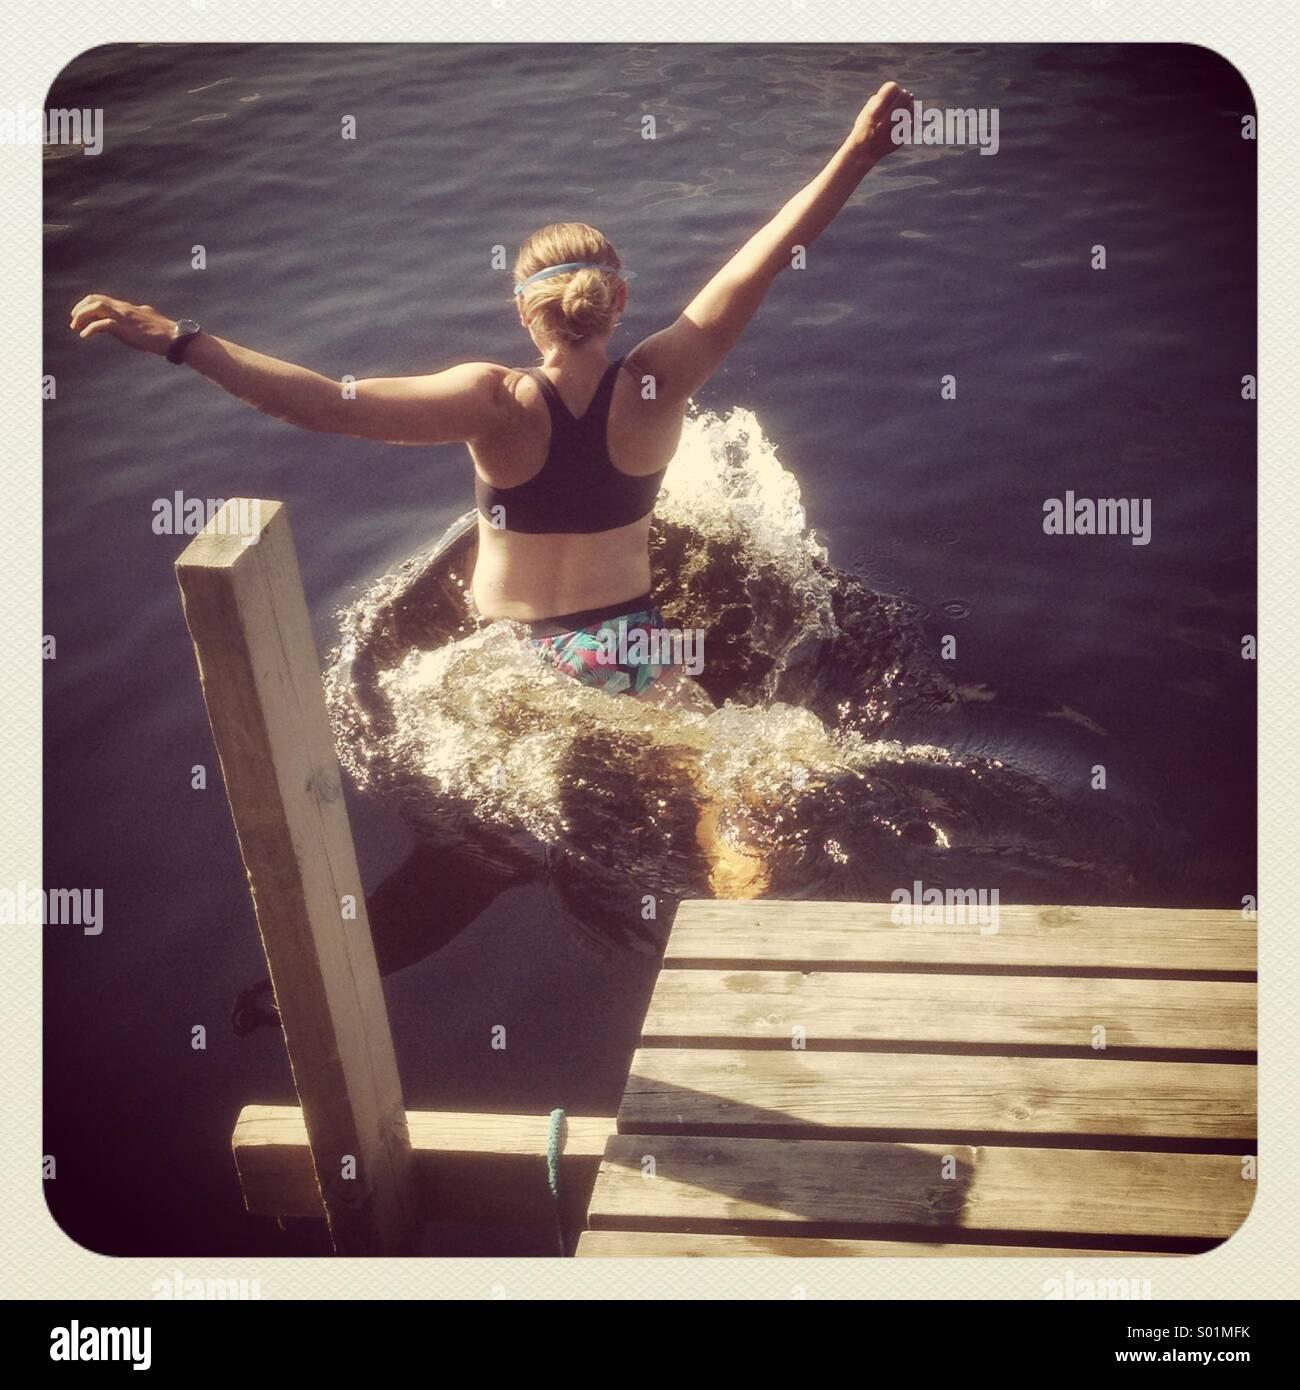 Una mujer saltando desde un muelle al lago Imagen De Stock